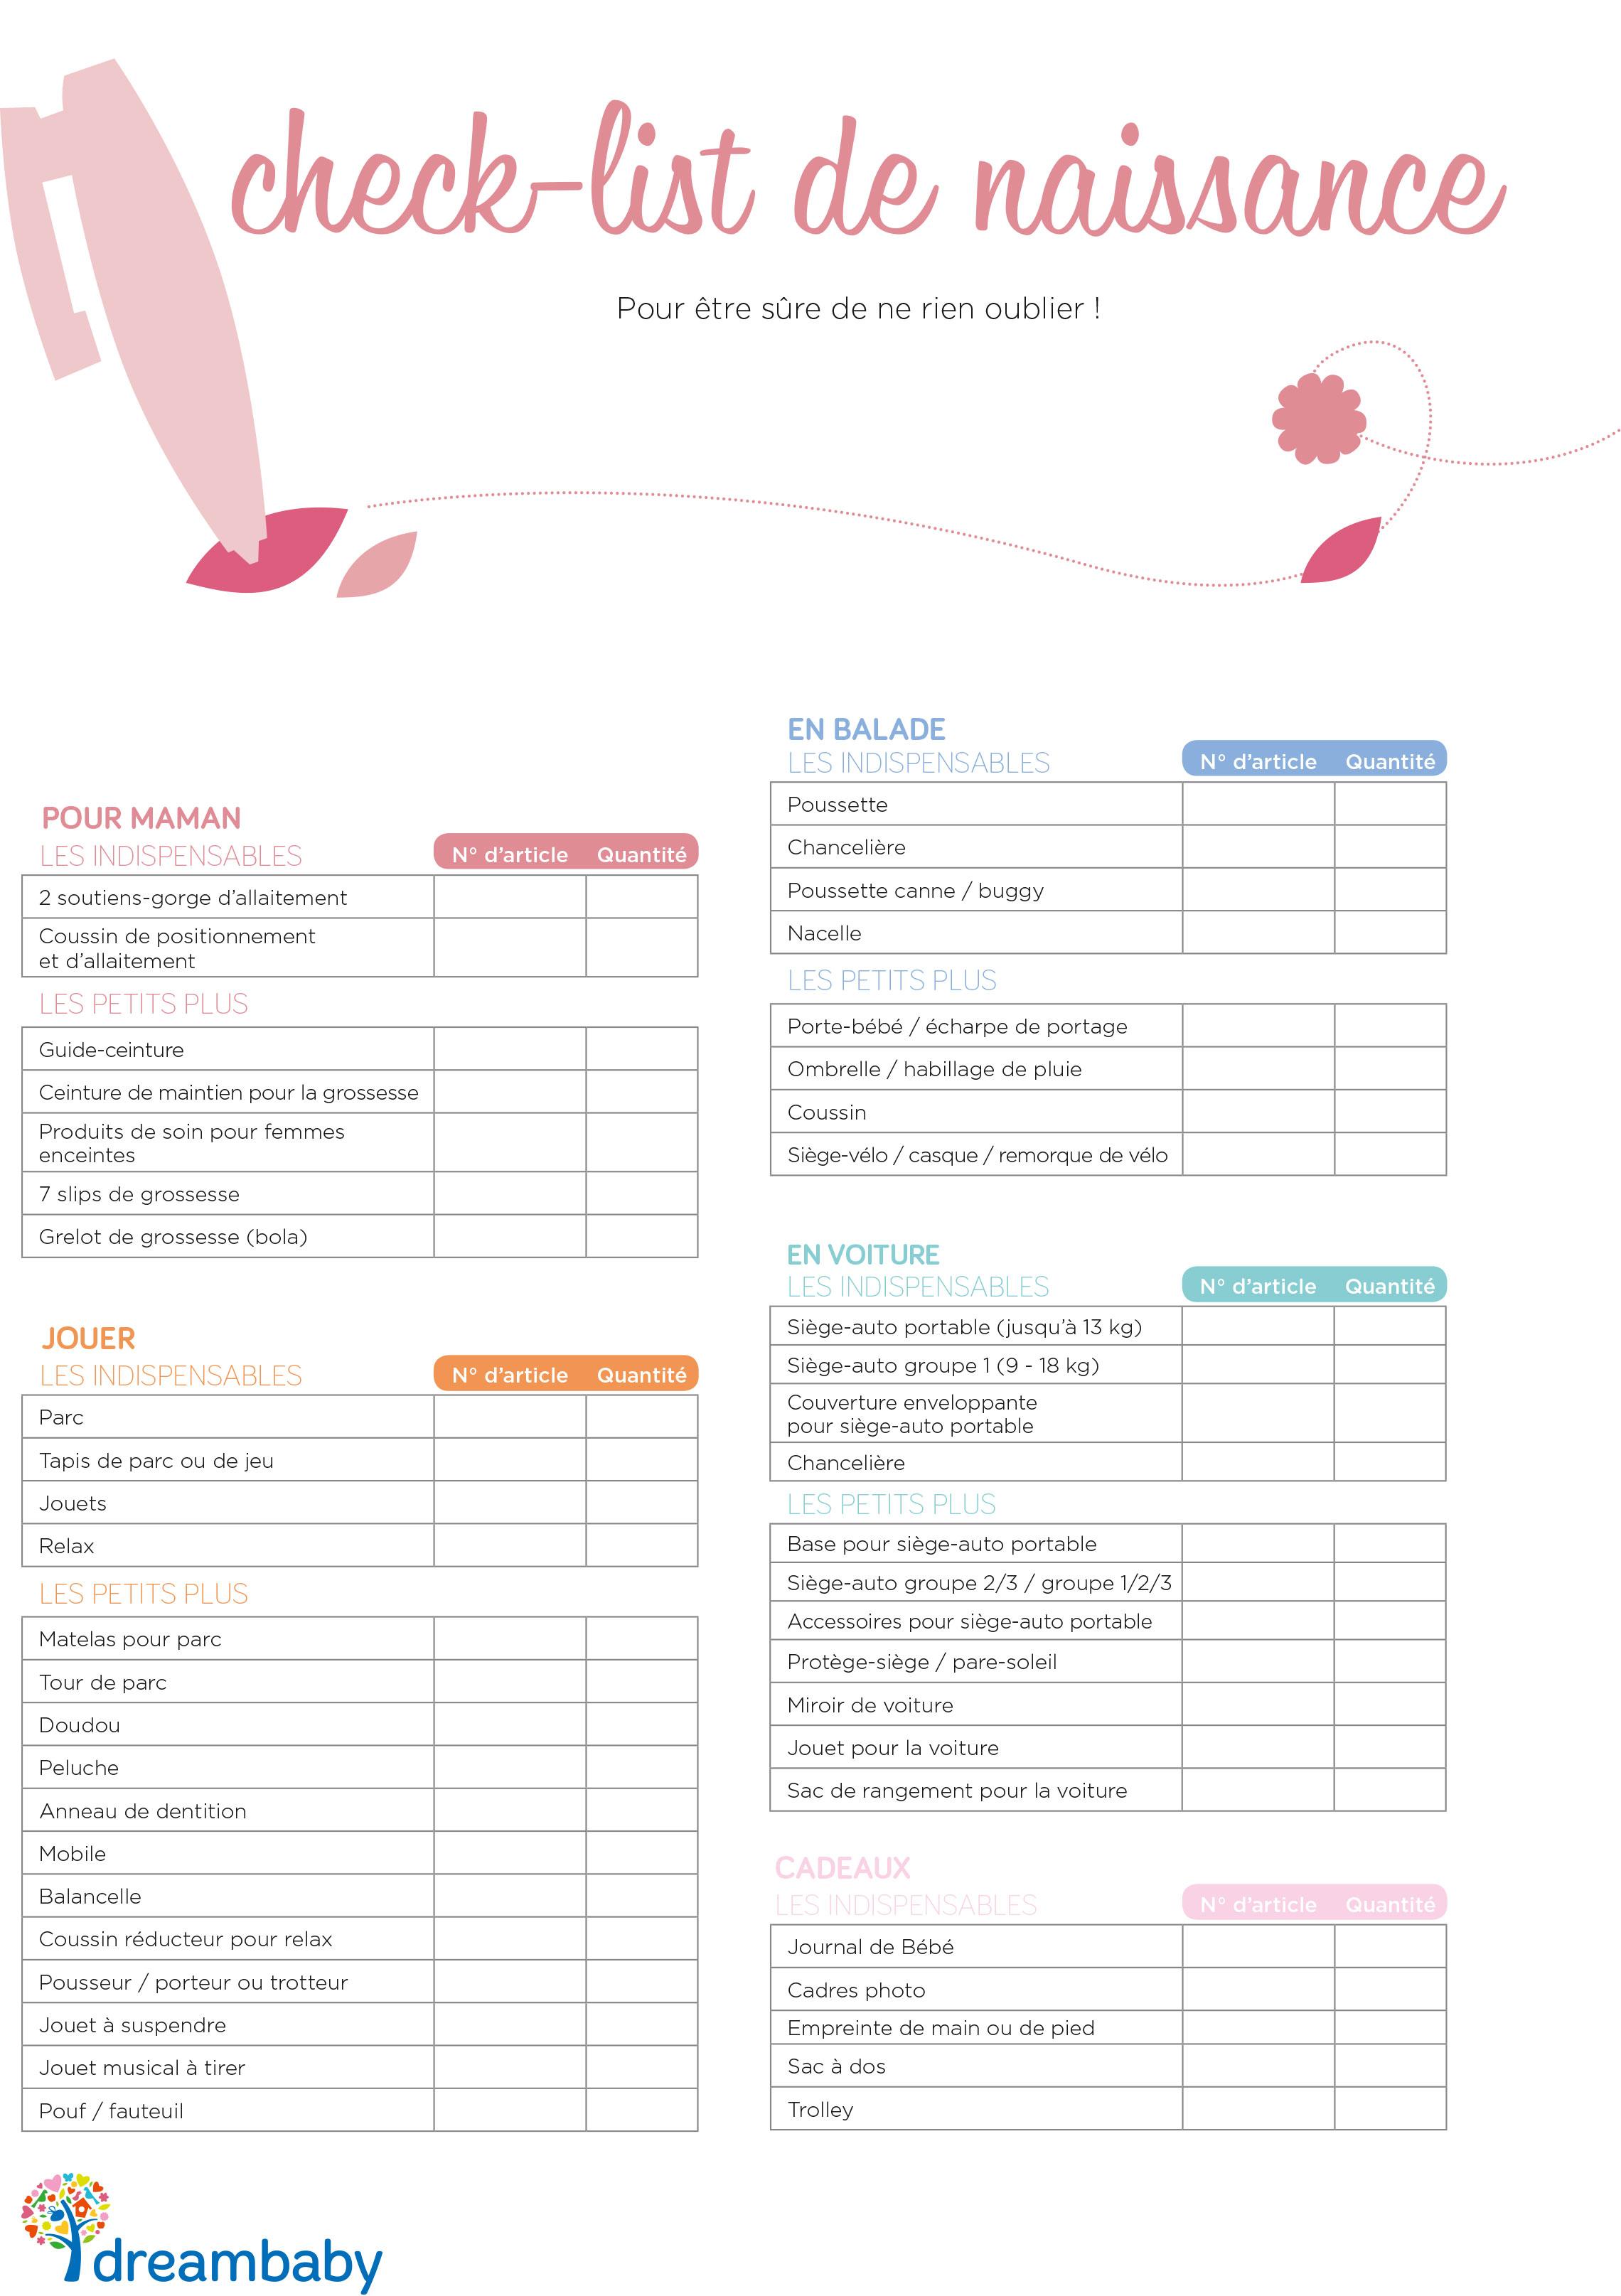 exemple liste de naissance